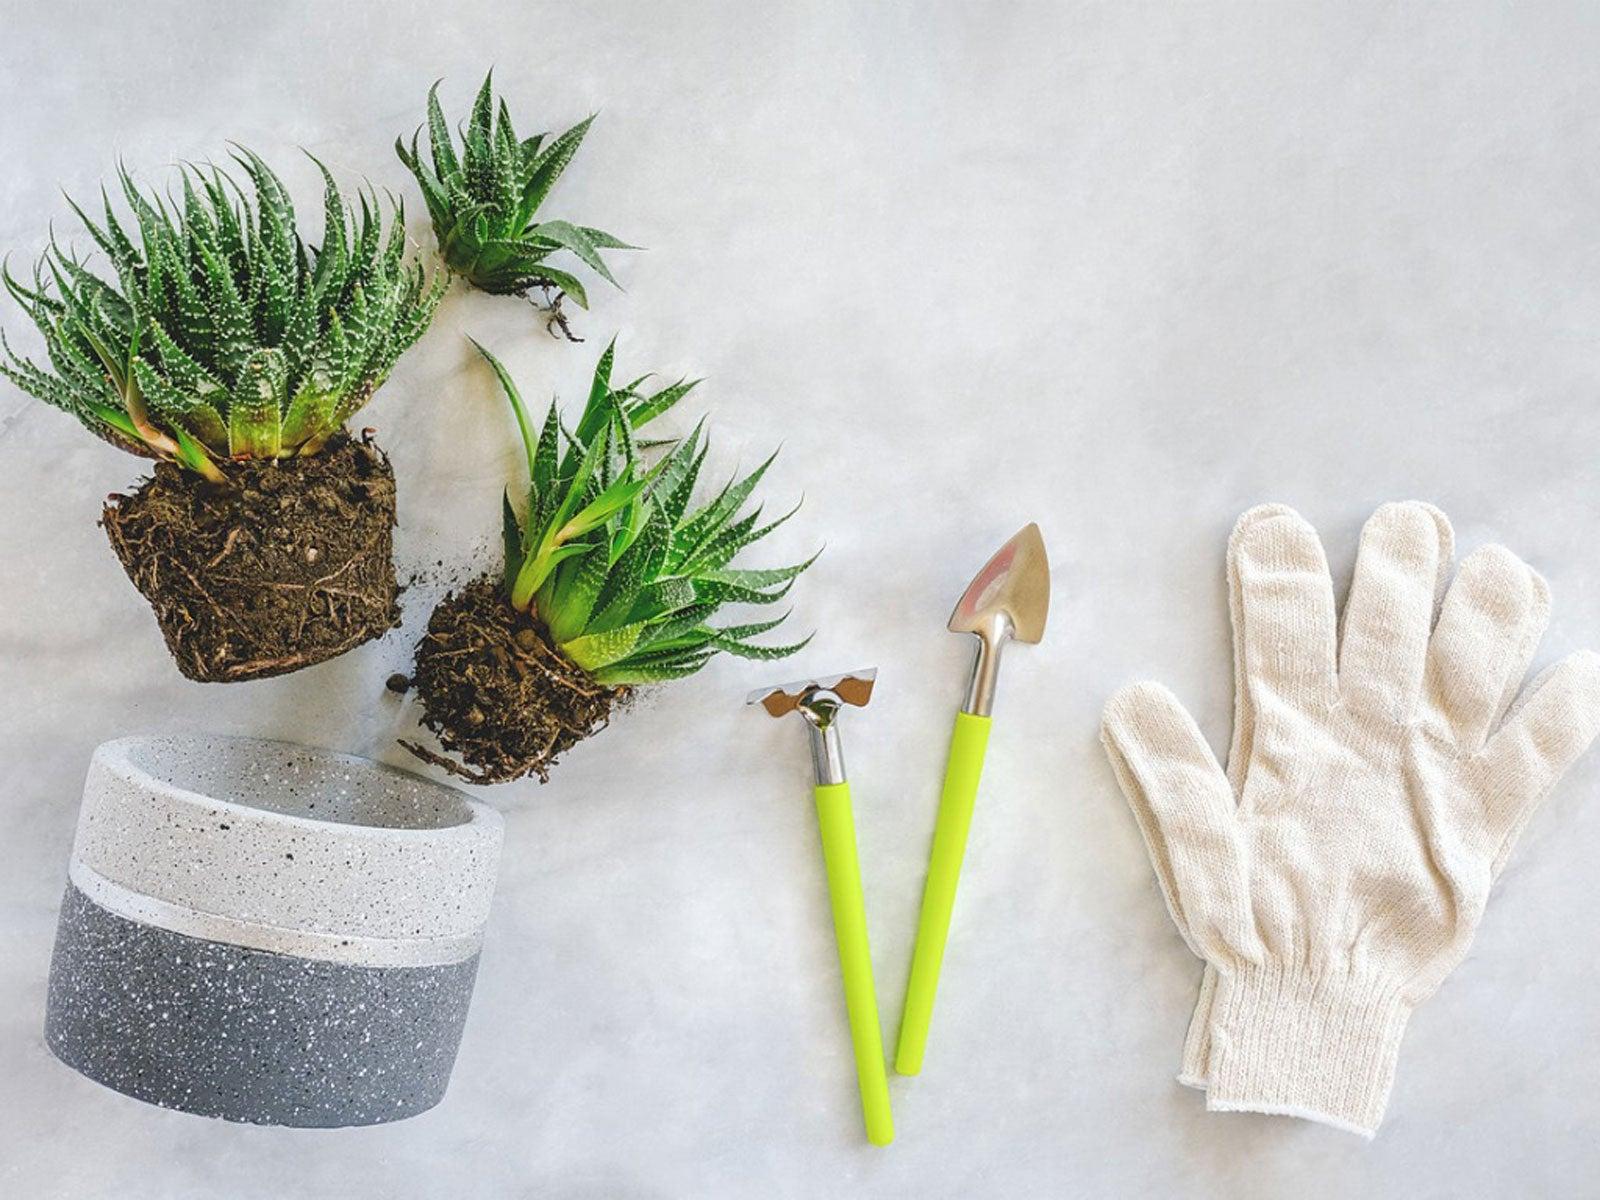 Succulent Essentials Essential Tools For Succulent Growing